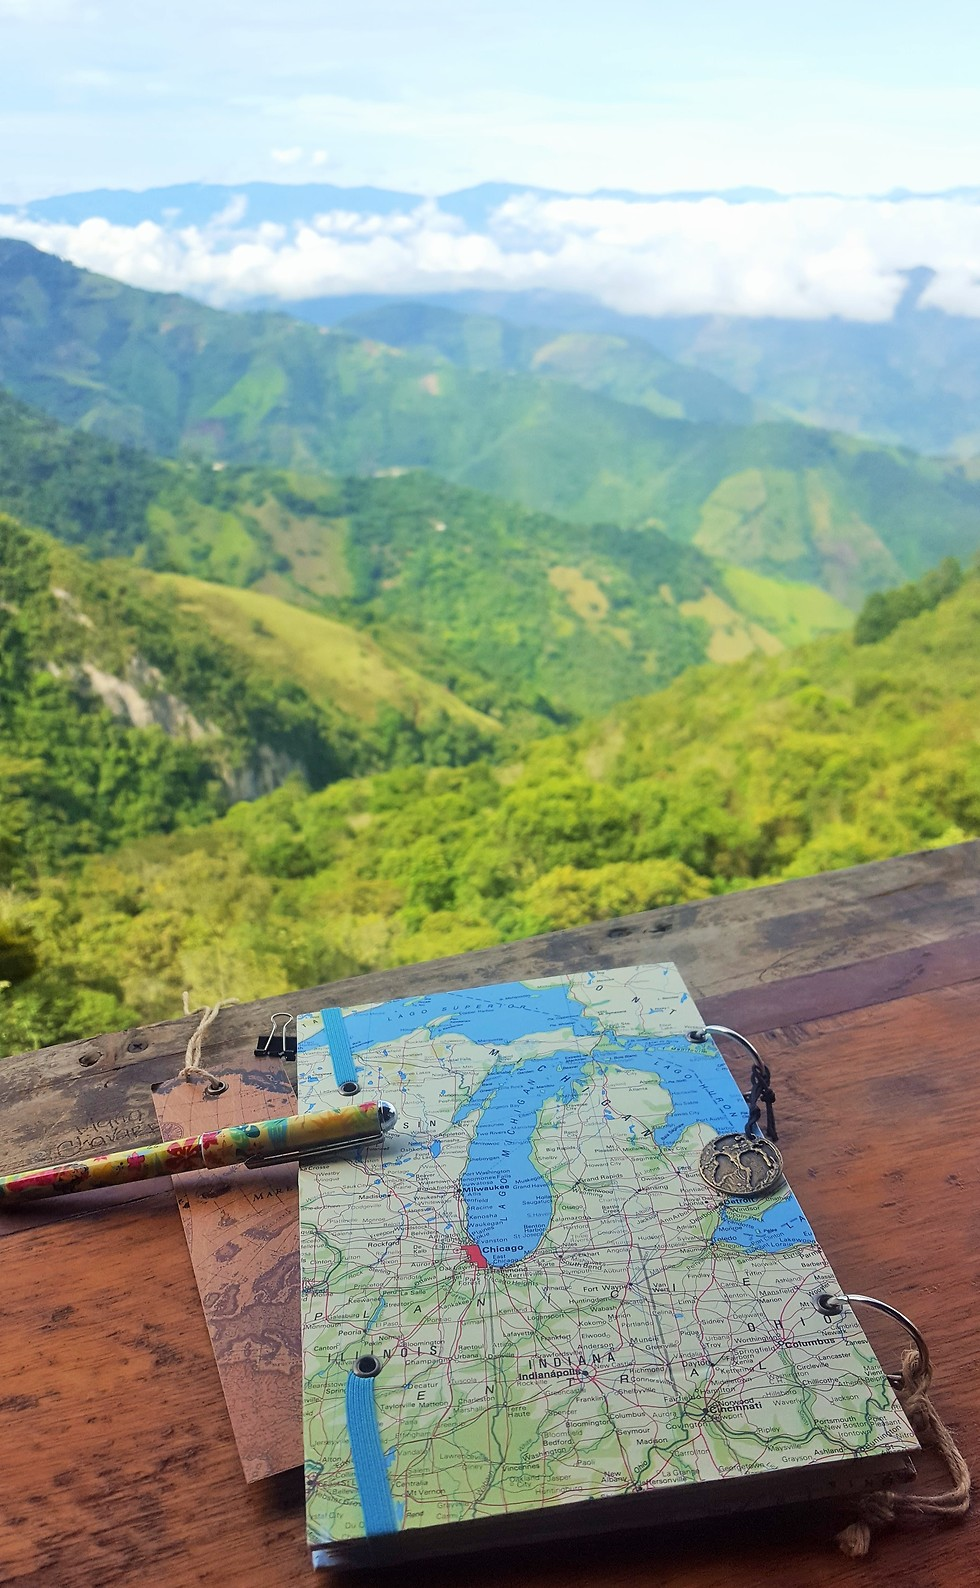 יומן המסע שכתבתי במהלך הטיול (צילום: סער יעקובוביץ) (צילום: סער יעקובוביץ)